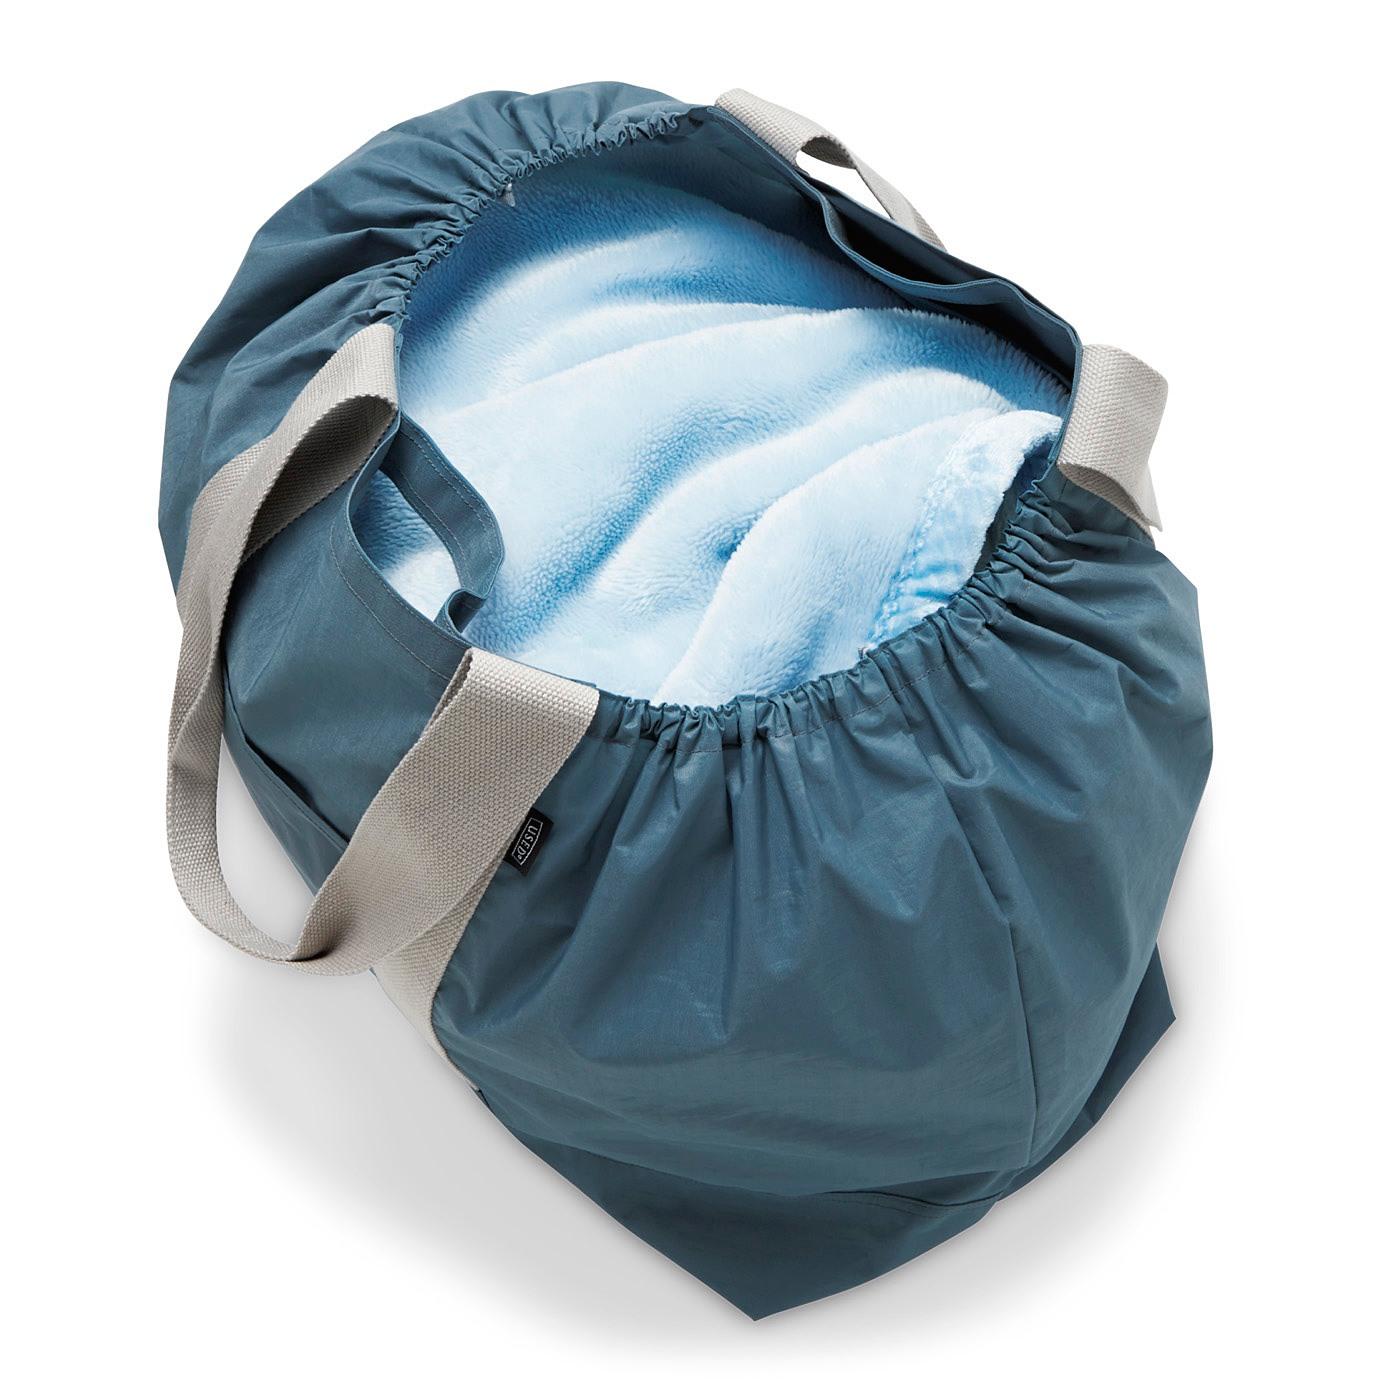 毛布も入る大容量サイズクリーニング用のランドリーバッグとしてもさまになります。